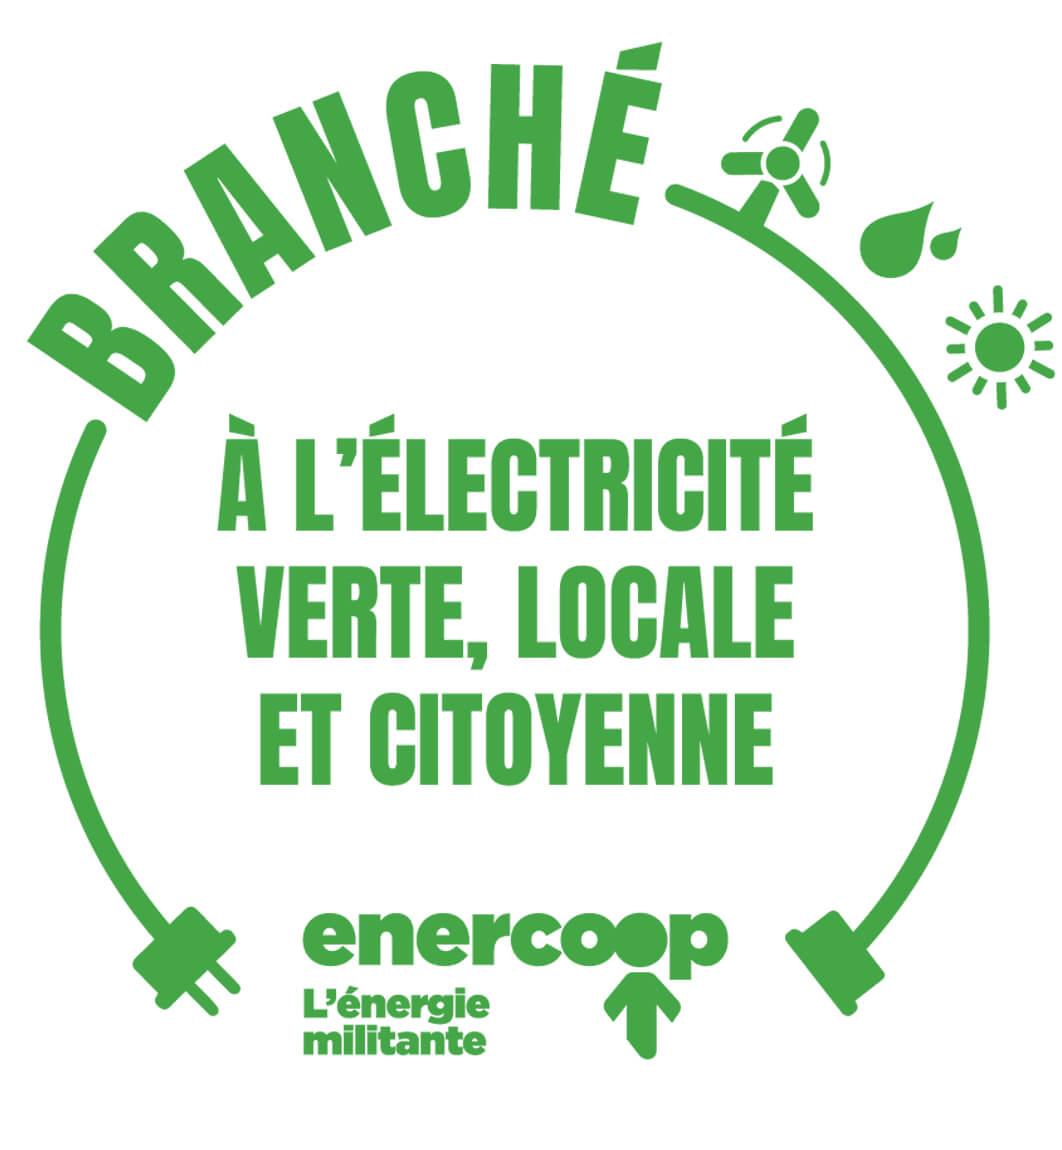 Branché à l'energie verte